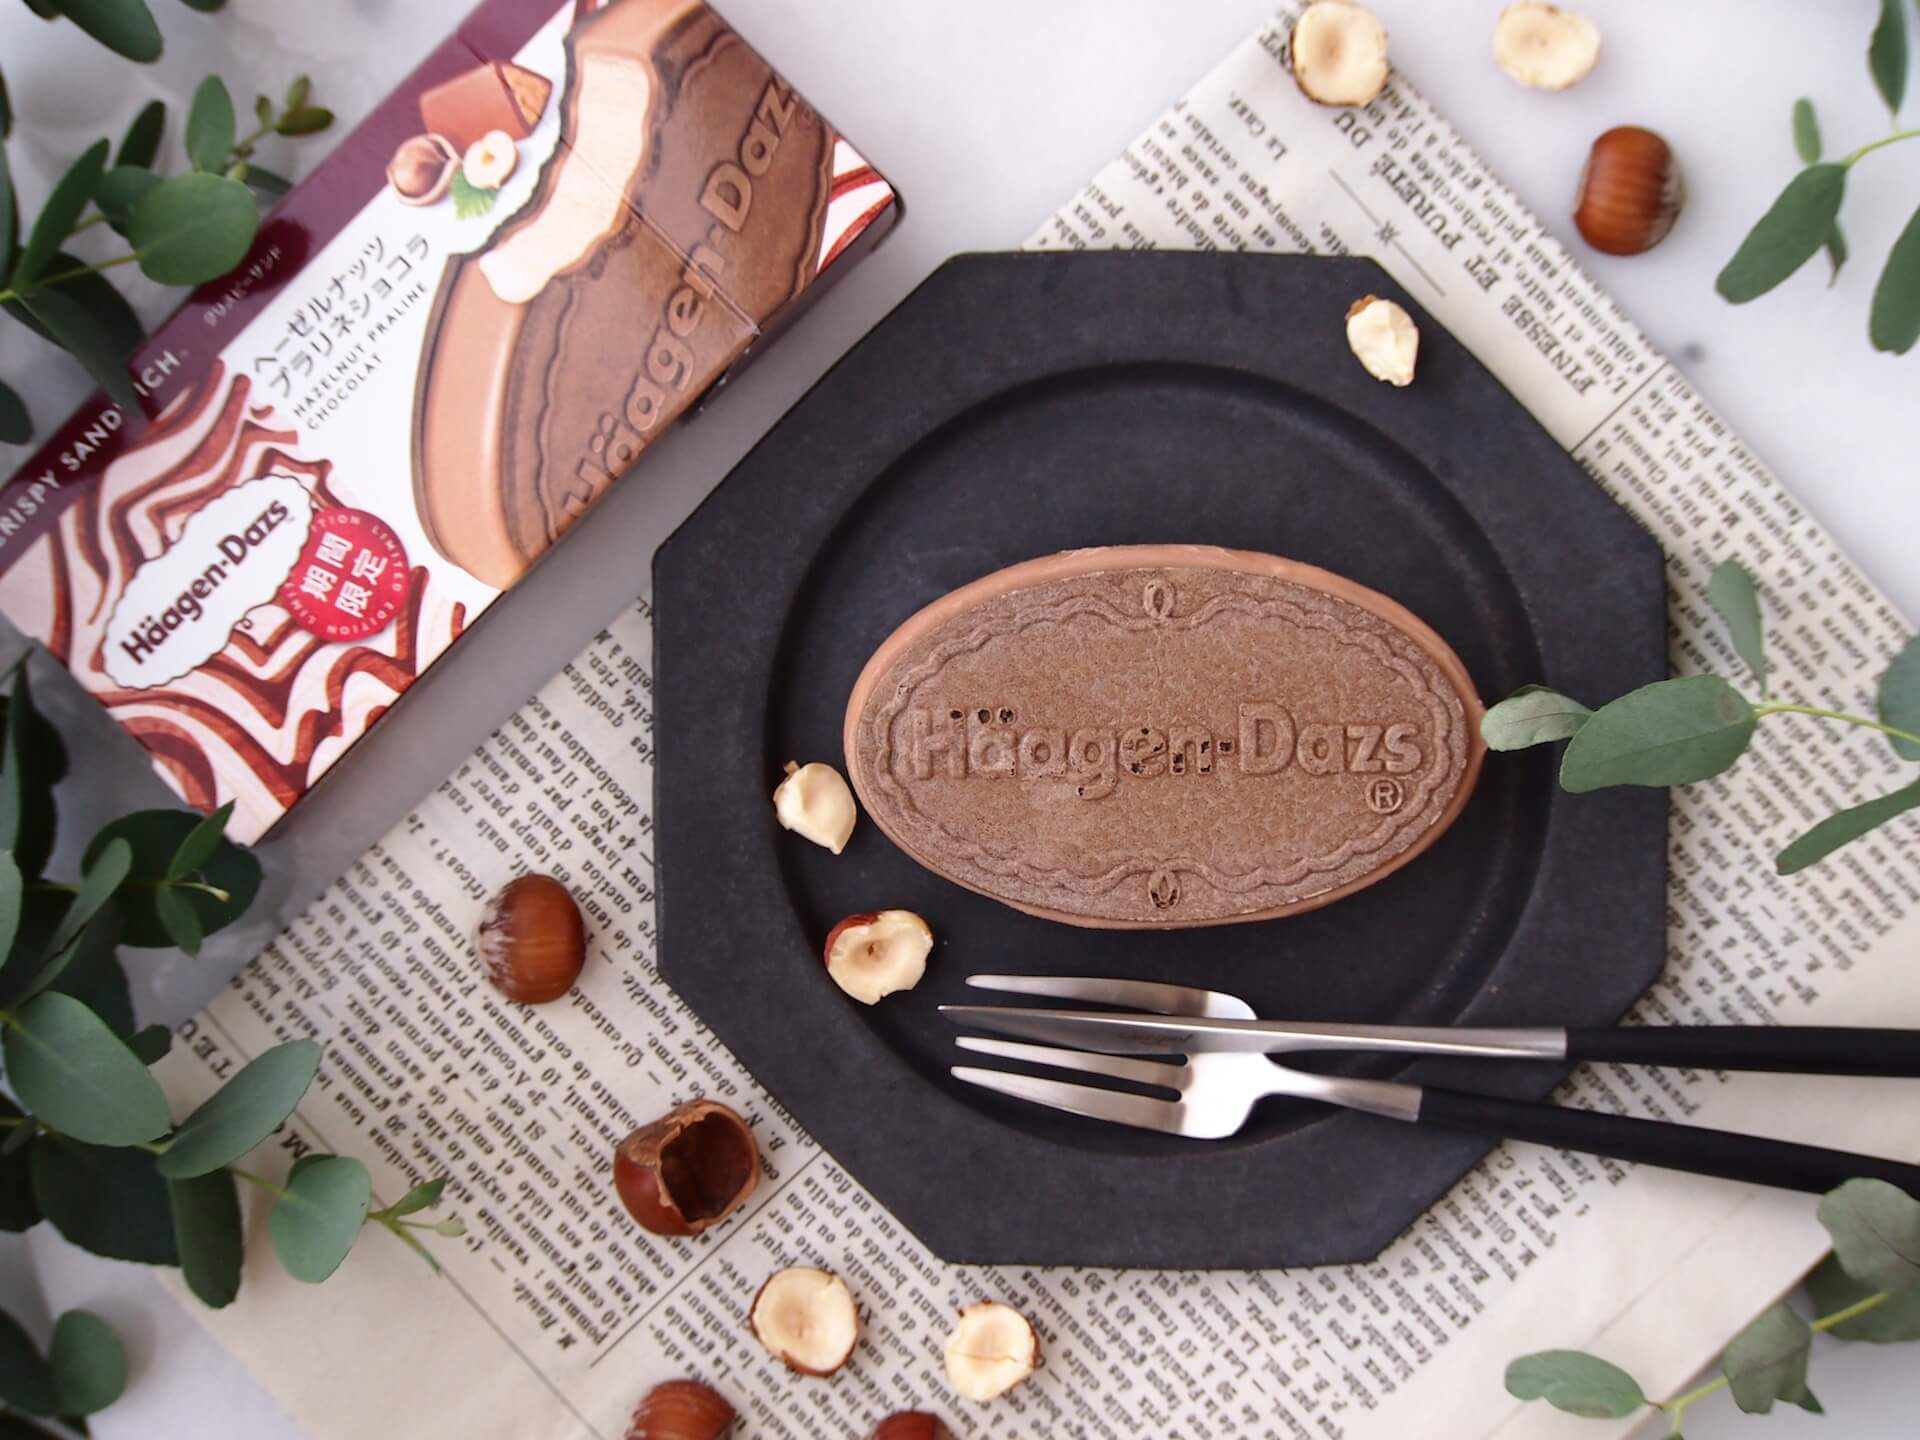 女性に大人気のヘーゼルナッツフレーバーのハーゲンダッツクリスピーサンド『ヘーゼルナッツプラリネショコラ』が期間限定で登場! gourmet200817_gaagendazs_8